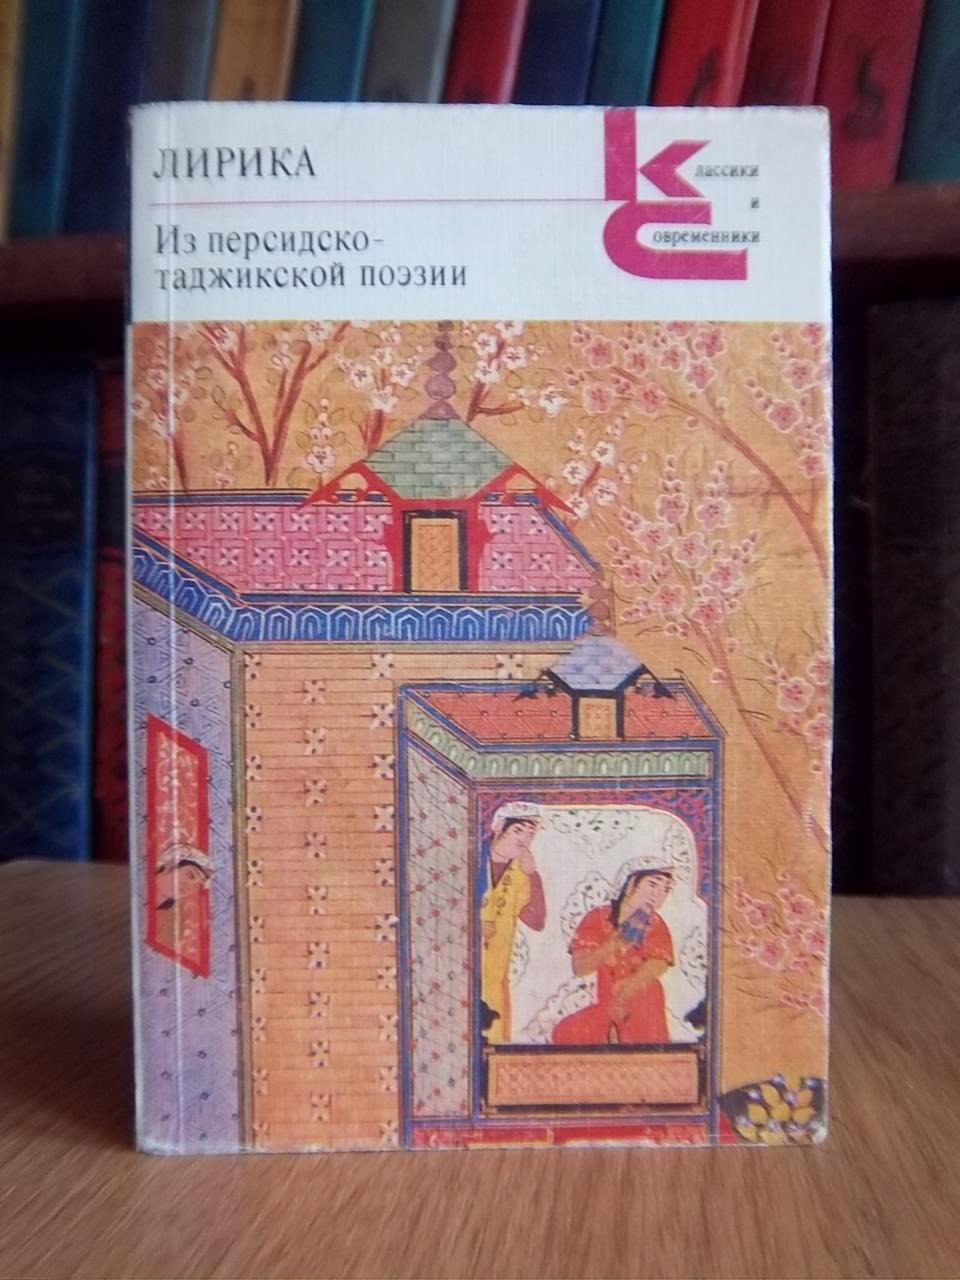 Лирика Из персидско-таджикской поэзии